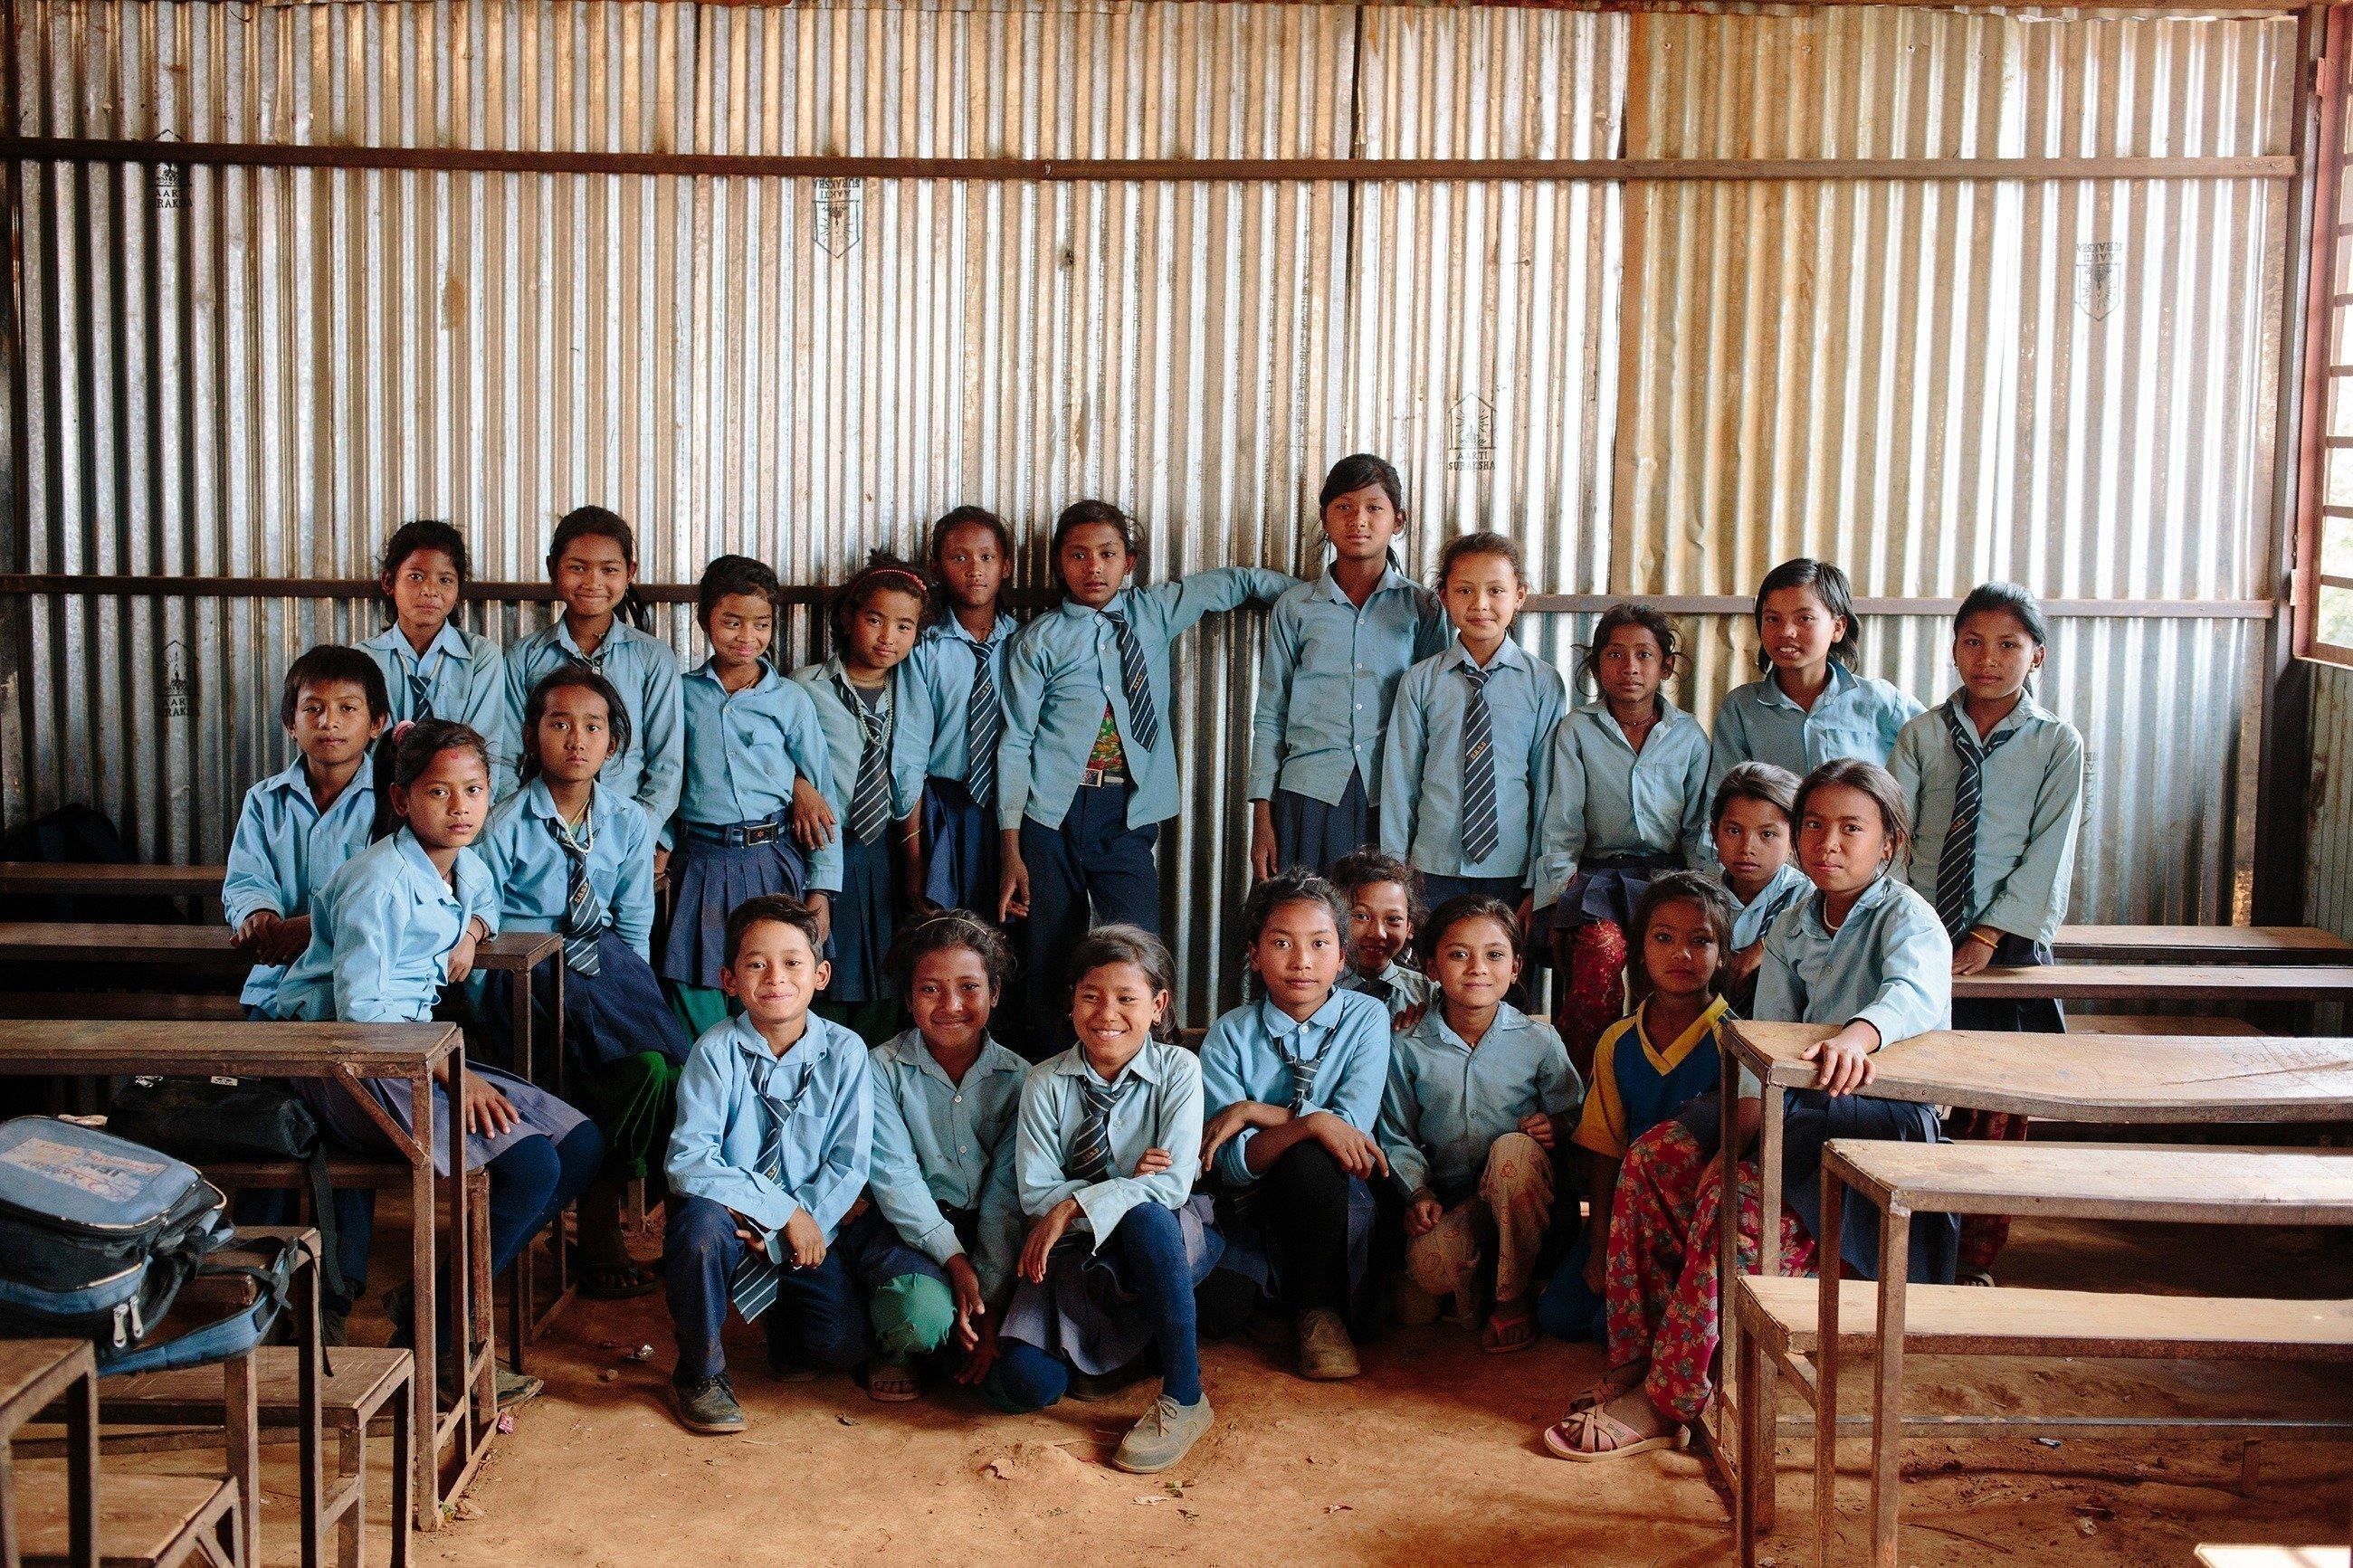 Eine Schulklasse in blauen Uniformen.